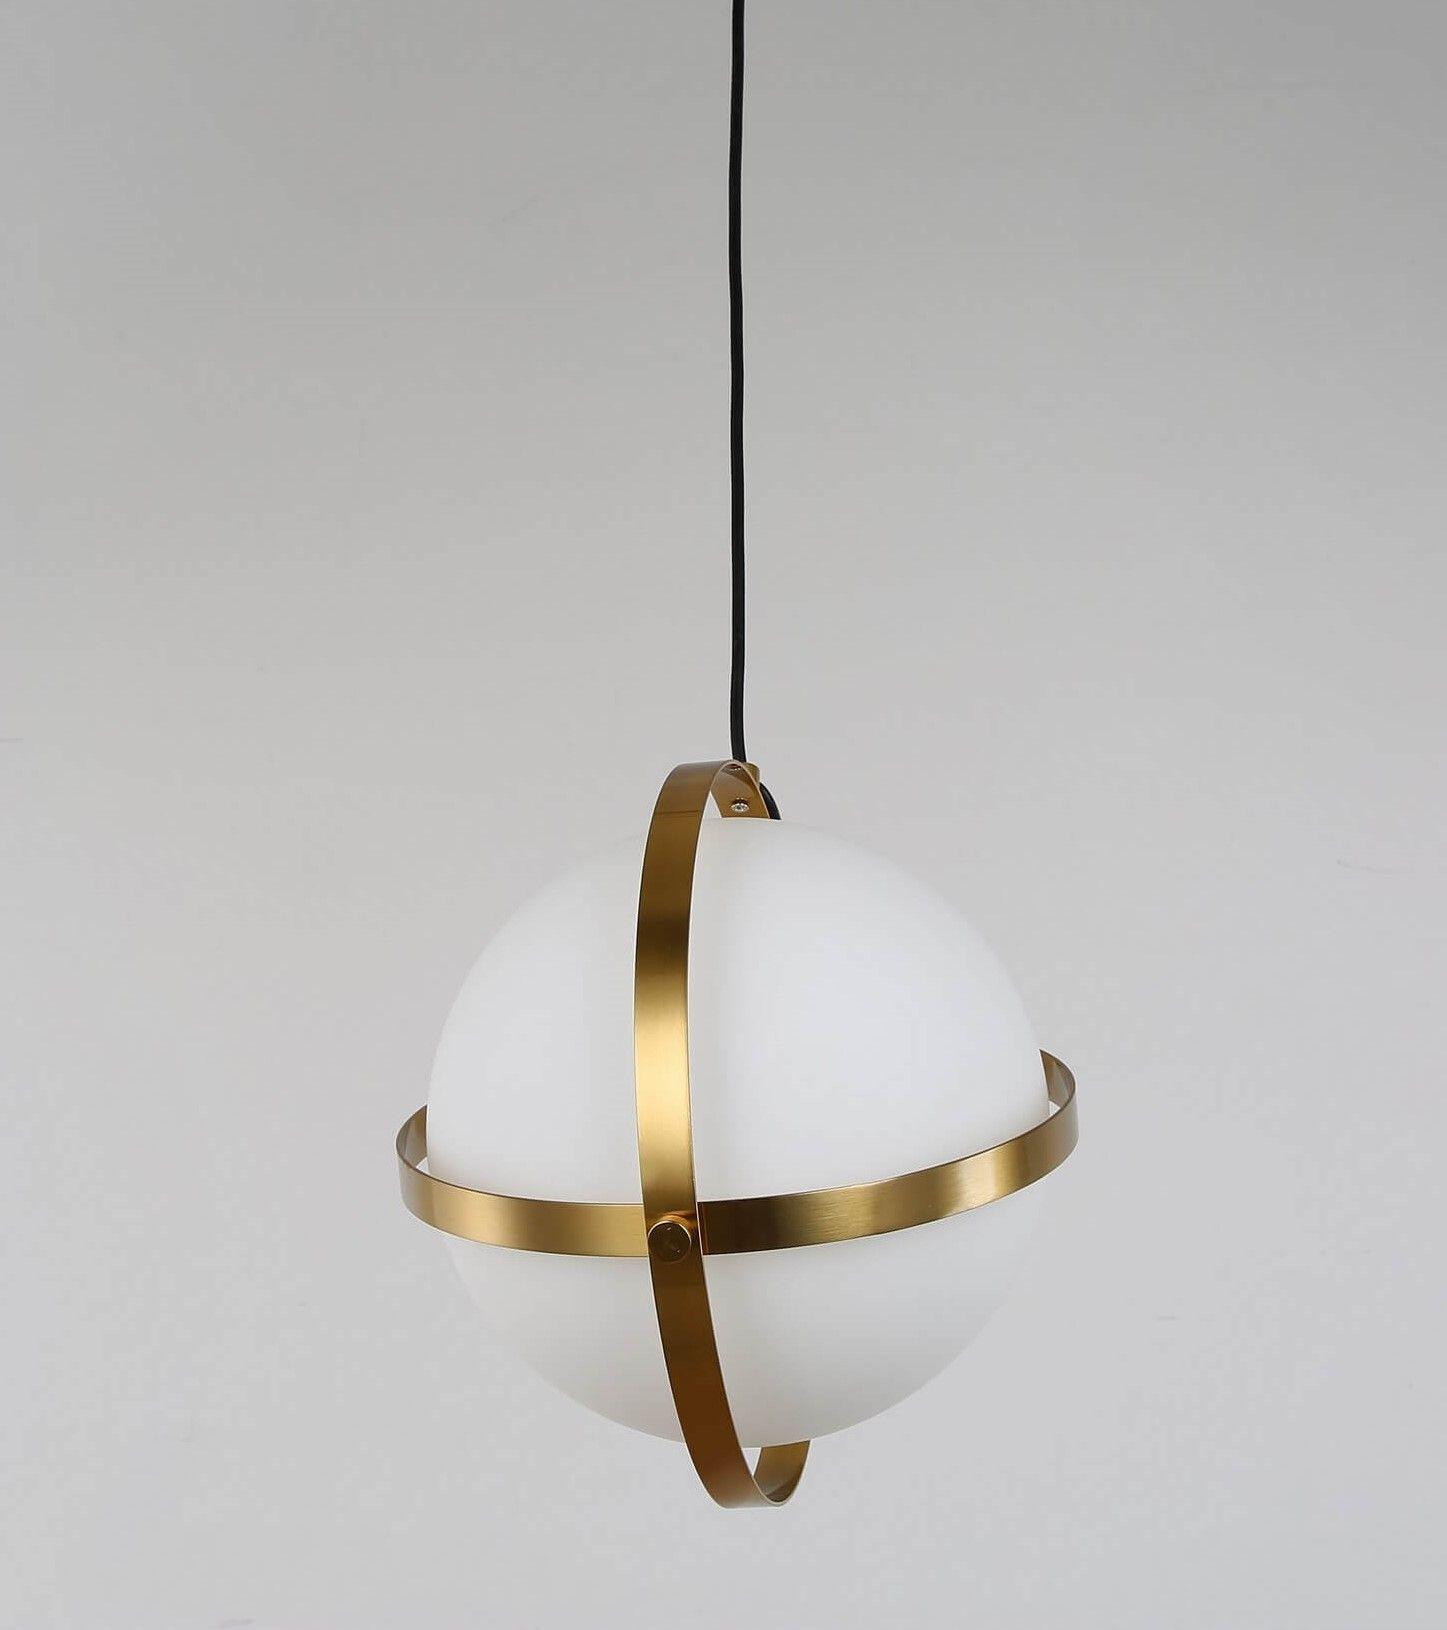 NOWOCZESNA LAMPA WISZĄCA BIAŁA SIGNIA D20